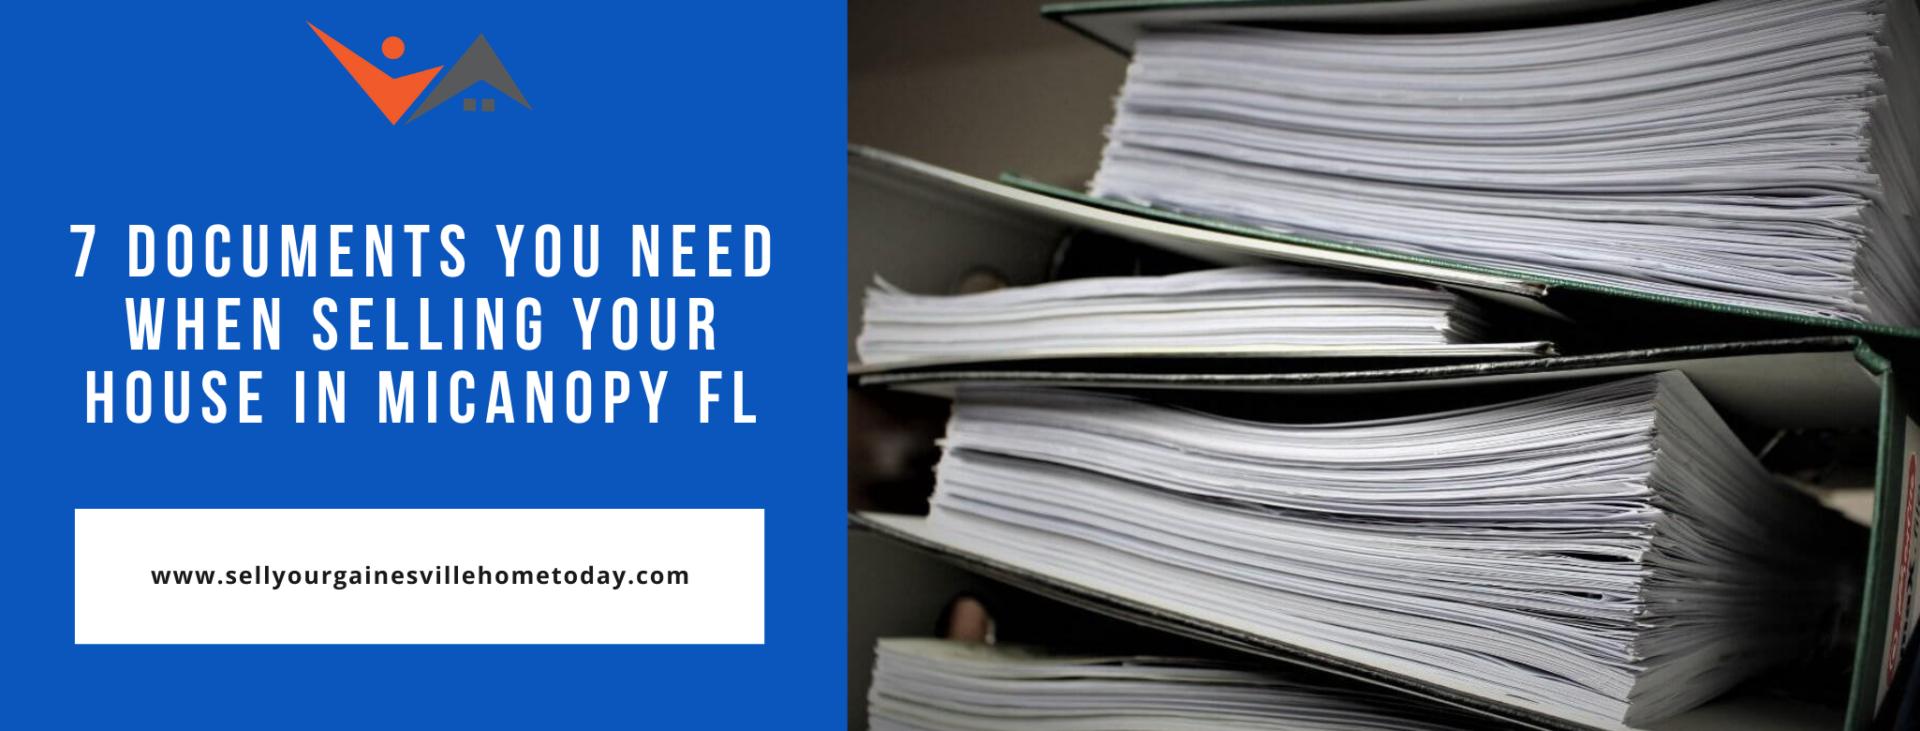 We buy properties in Micanopy FL